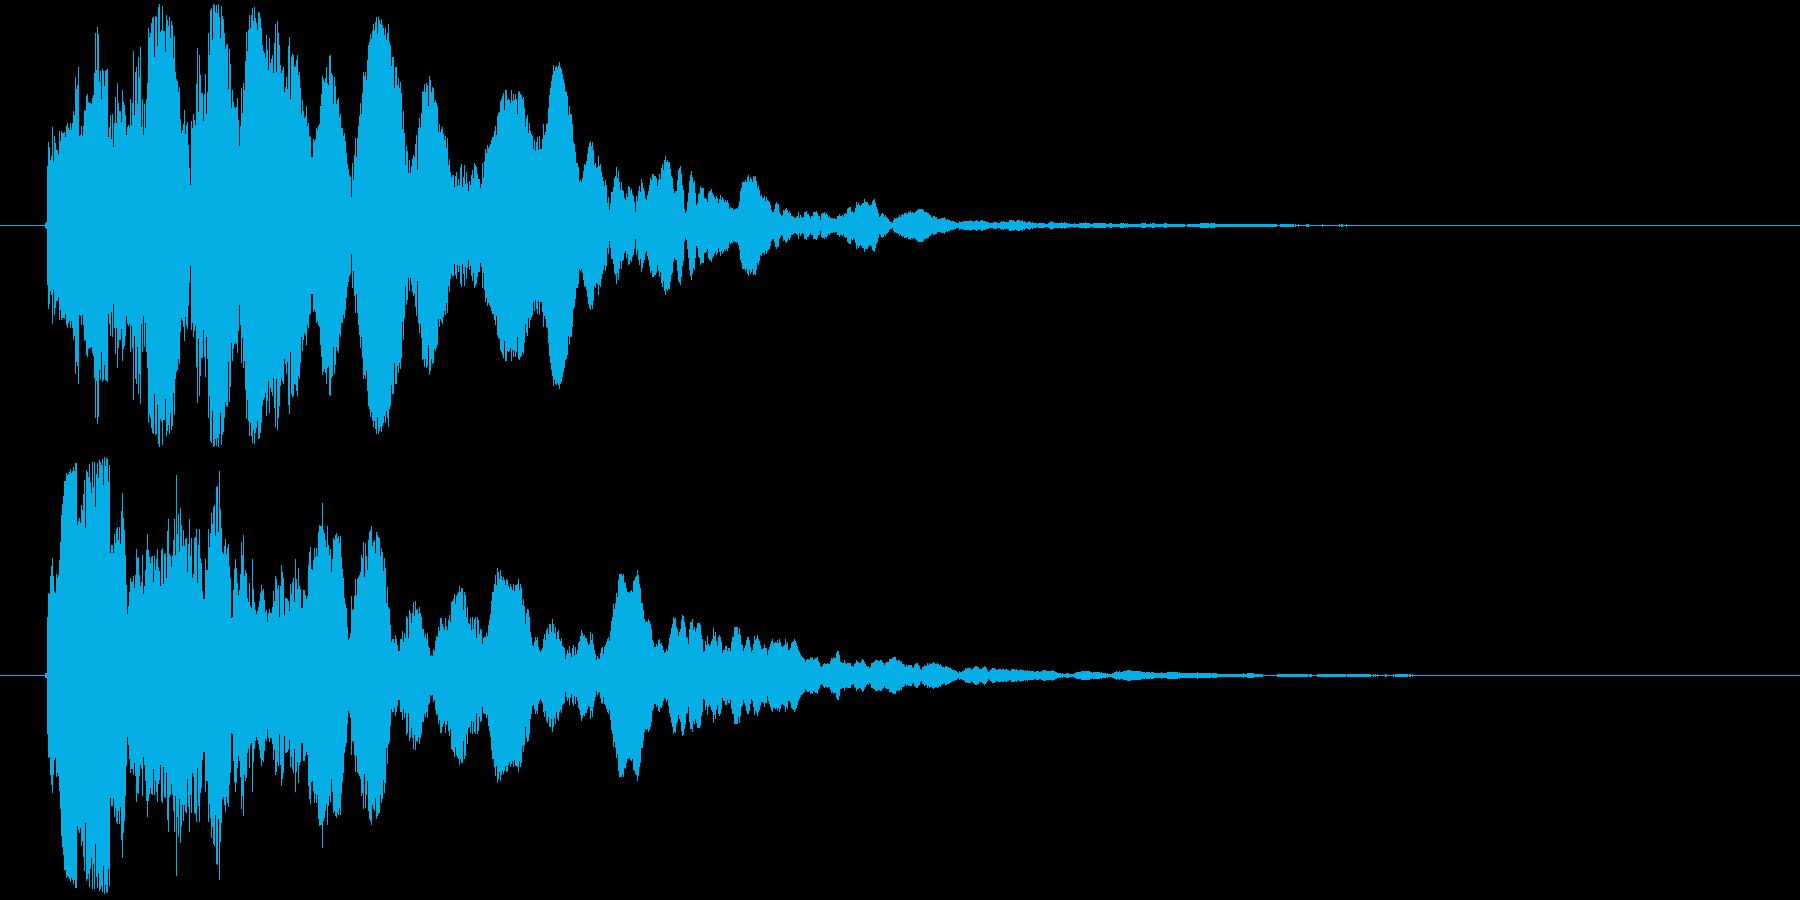 ピィロリロリ~ン(時代劇、西部劇等)の再生済みの波形